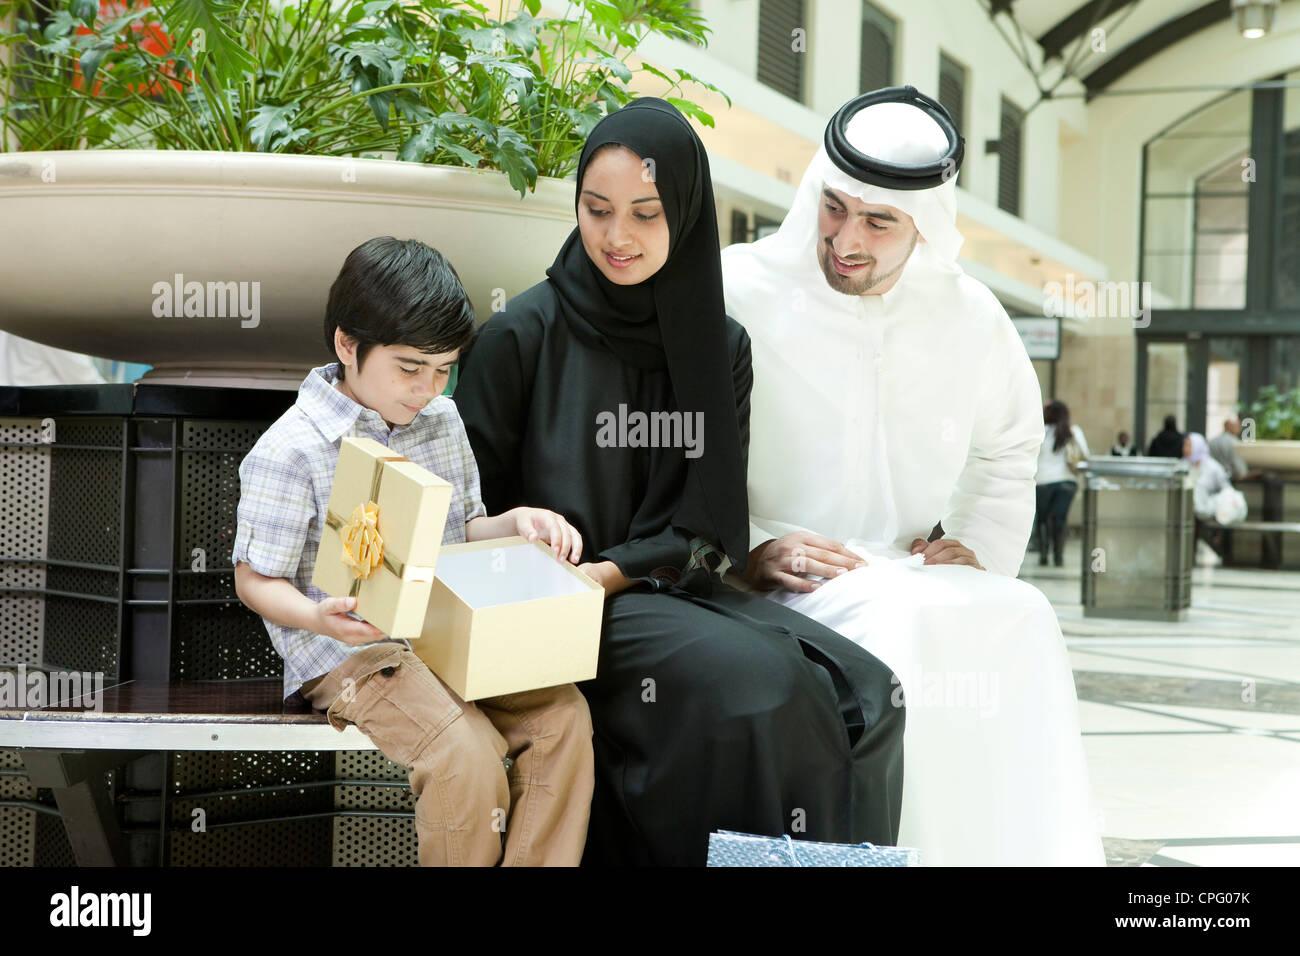 Famille arabe assis au centre d'achat, les parents qui cadeau à leur fils. Photo Stock